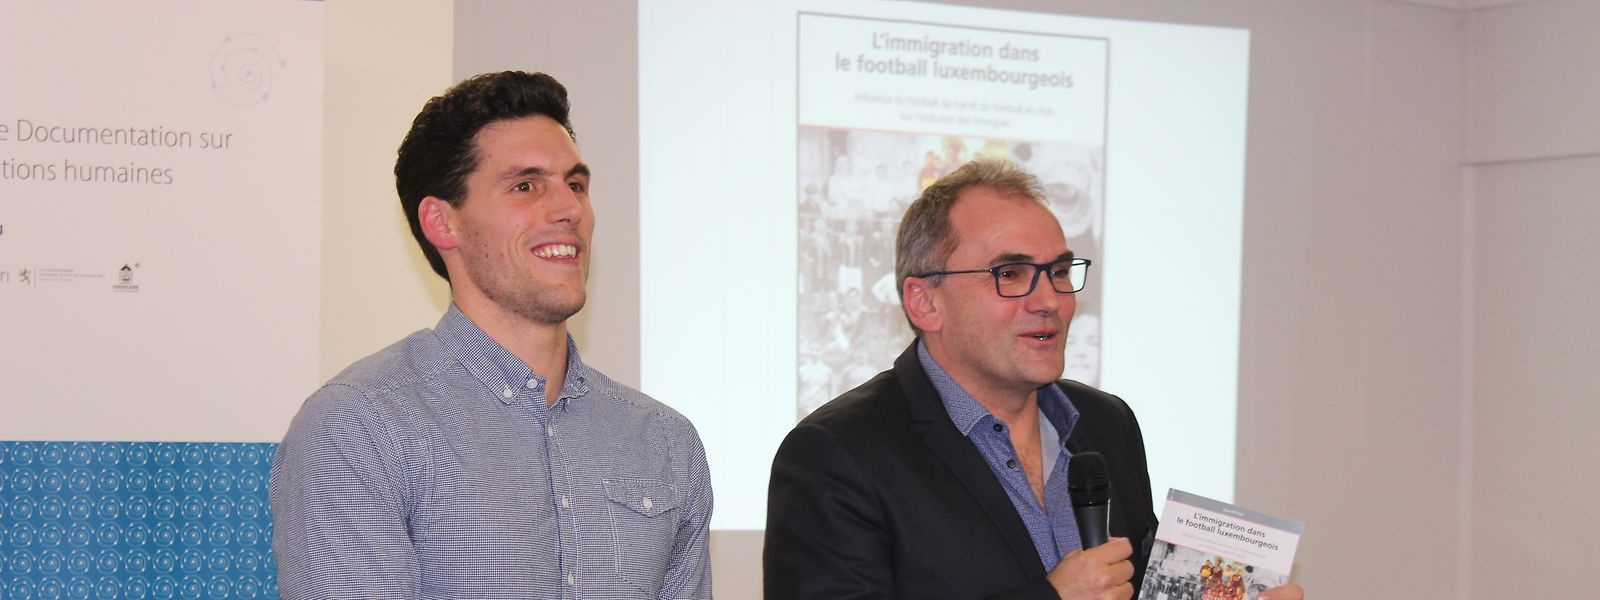 L'auteur du livre, Jean Ketter et son superviseur de mémoire, Denis Scuto.